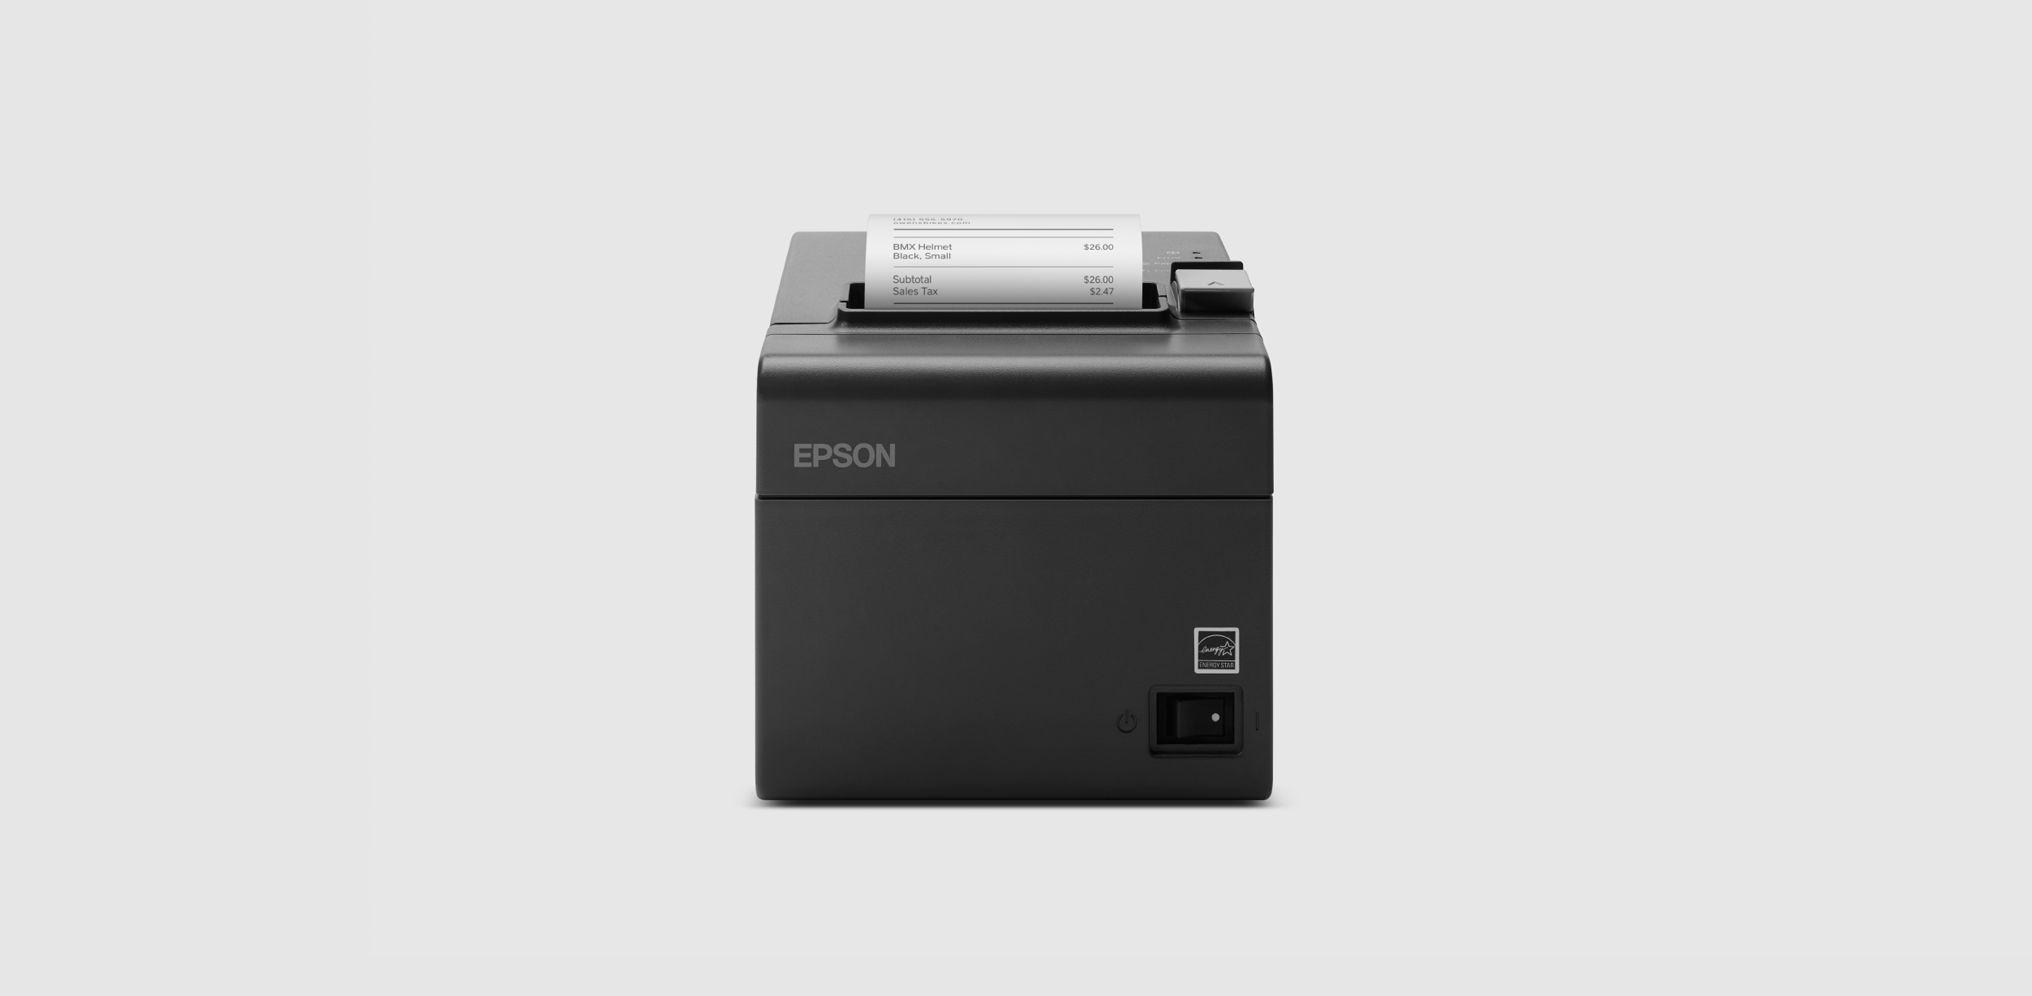 epson kitchen printer portable cabinets ethernet receipt square shop